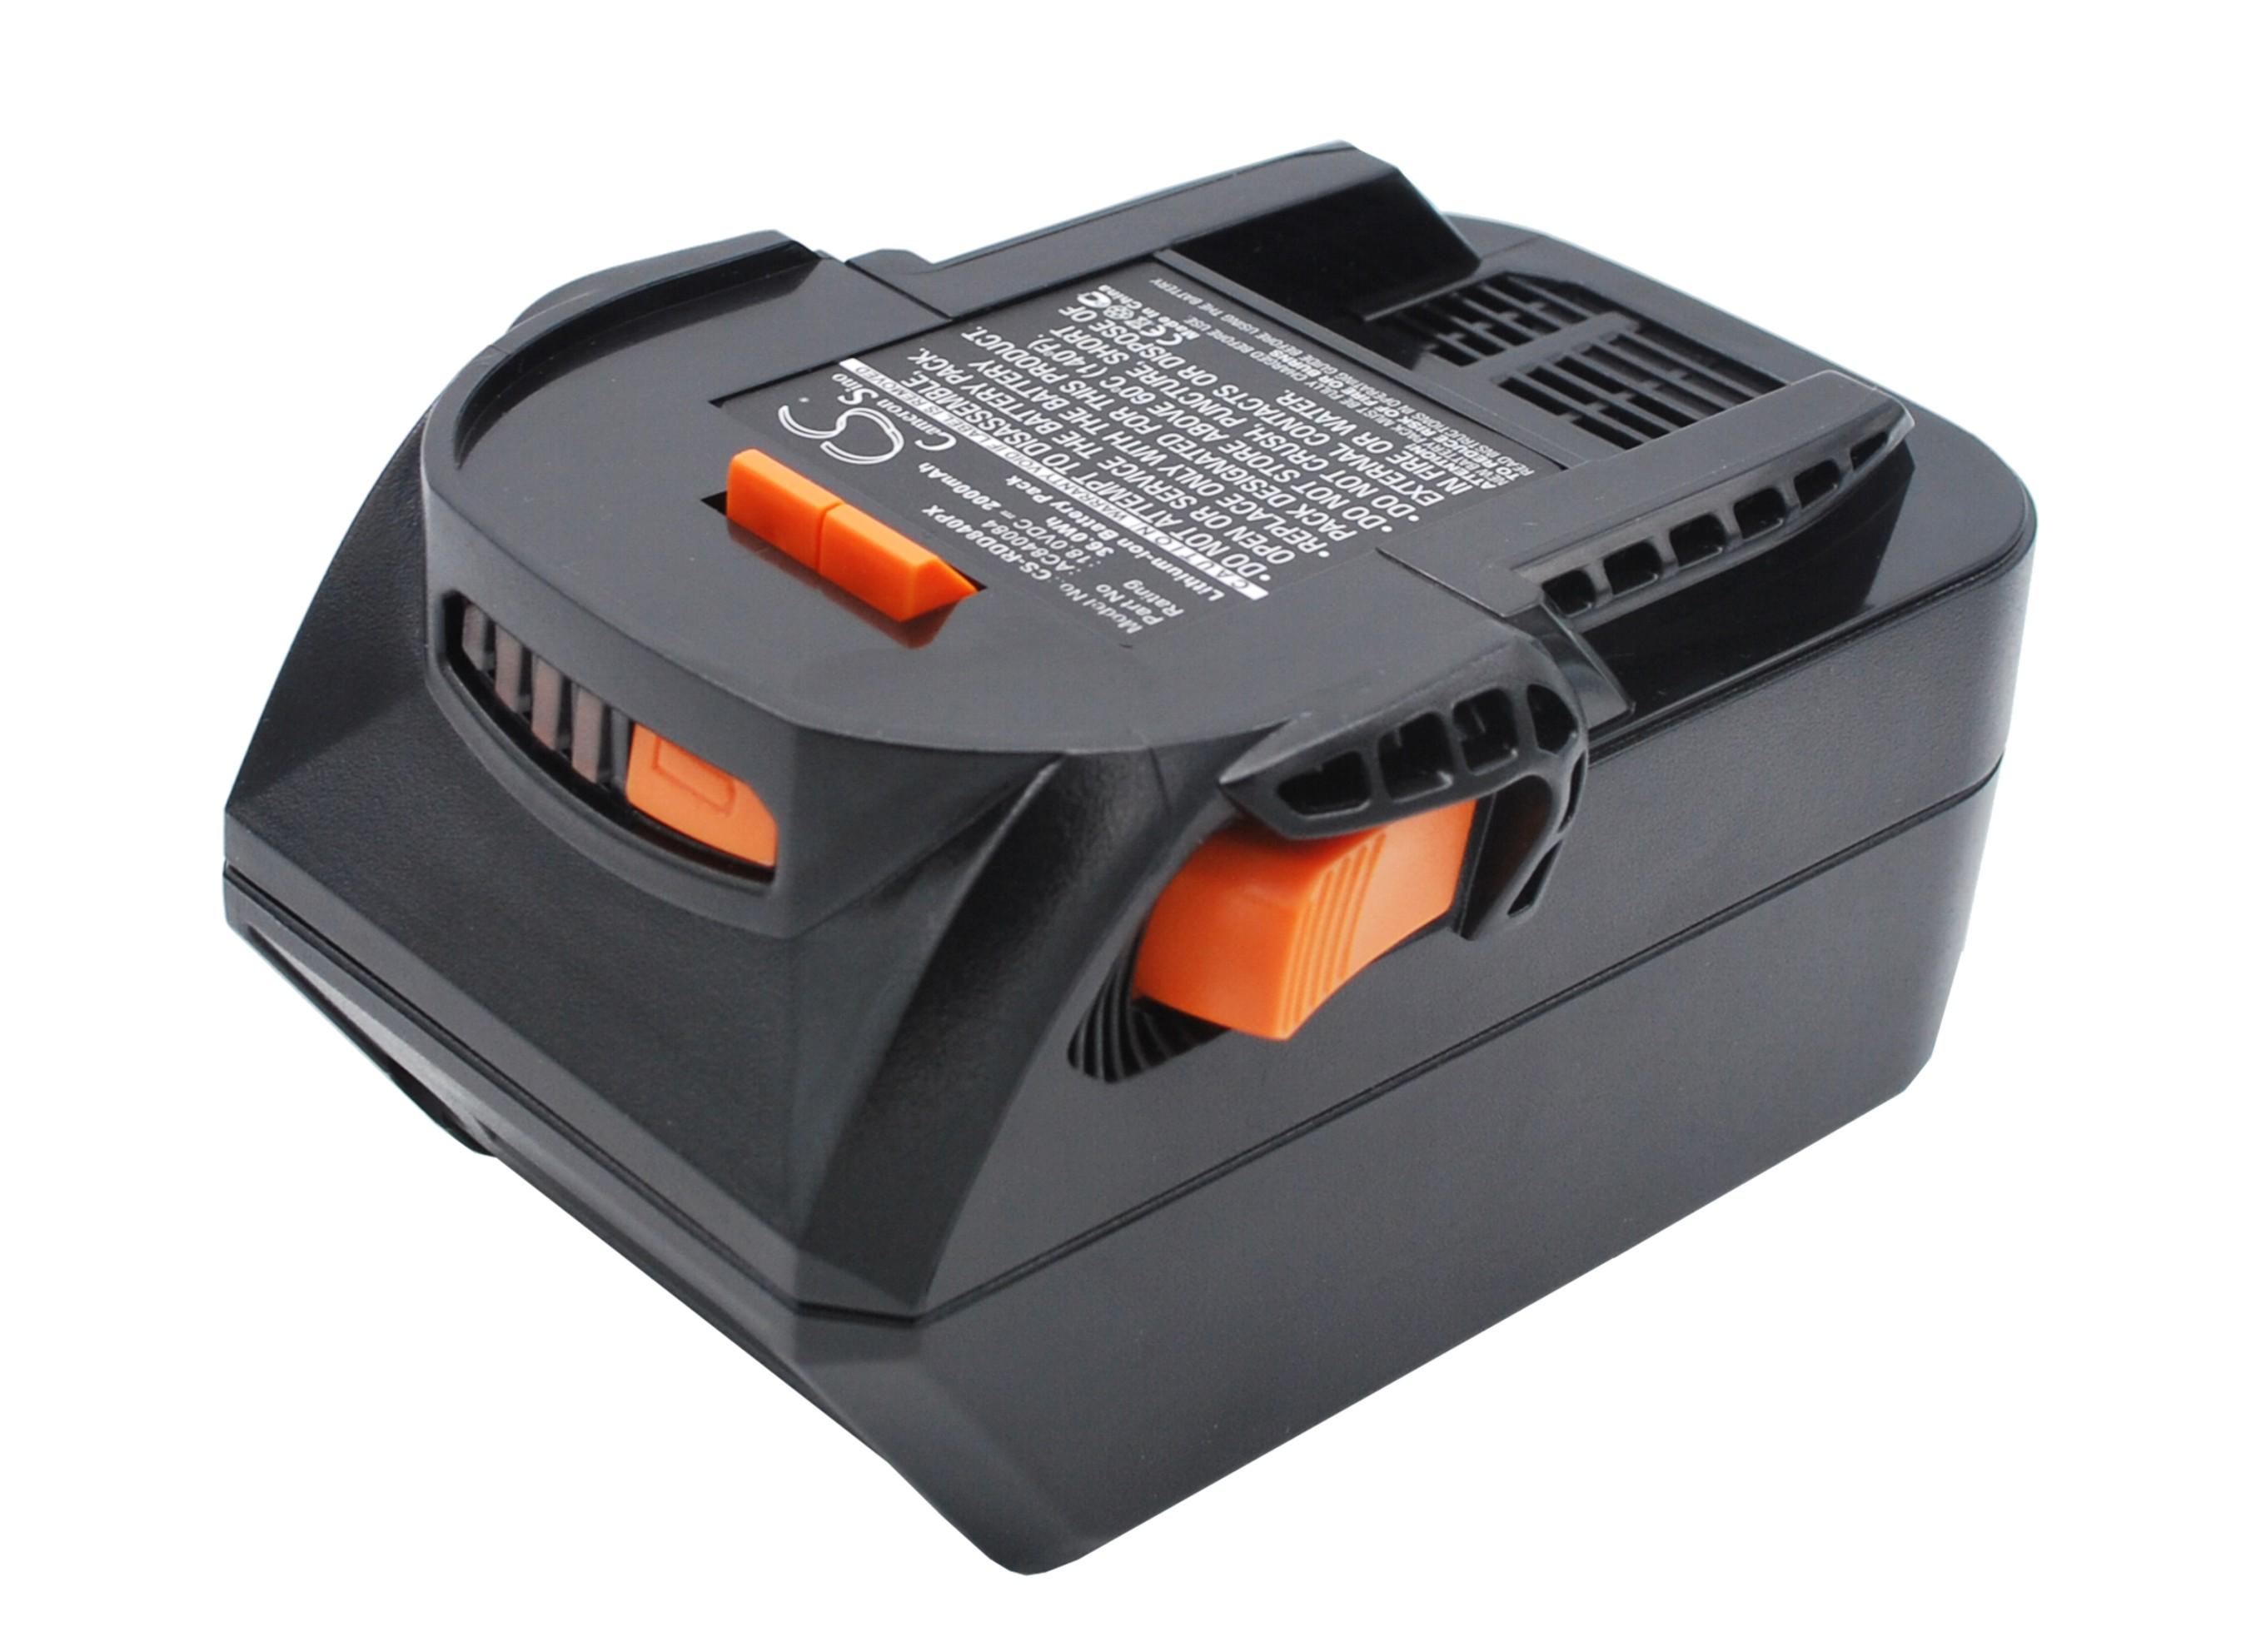 Cameron Sino baterie do nářadí pro AEG BSB 18 18V Li-ion 2000mAh černá - neoriginální